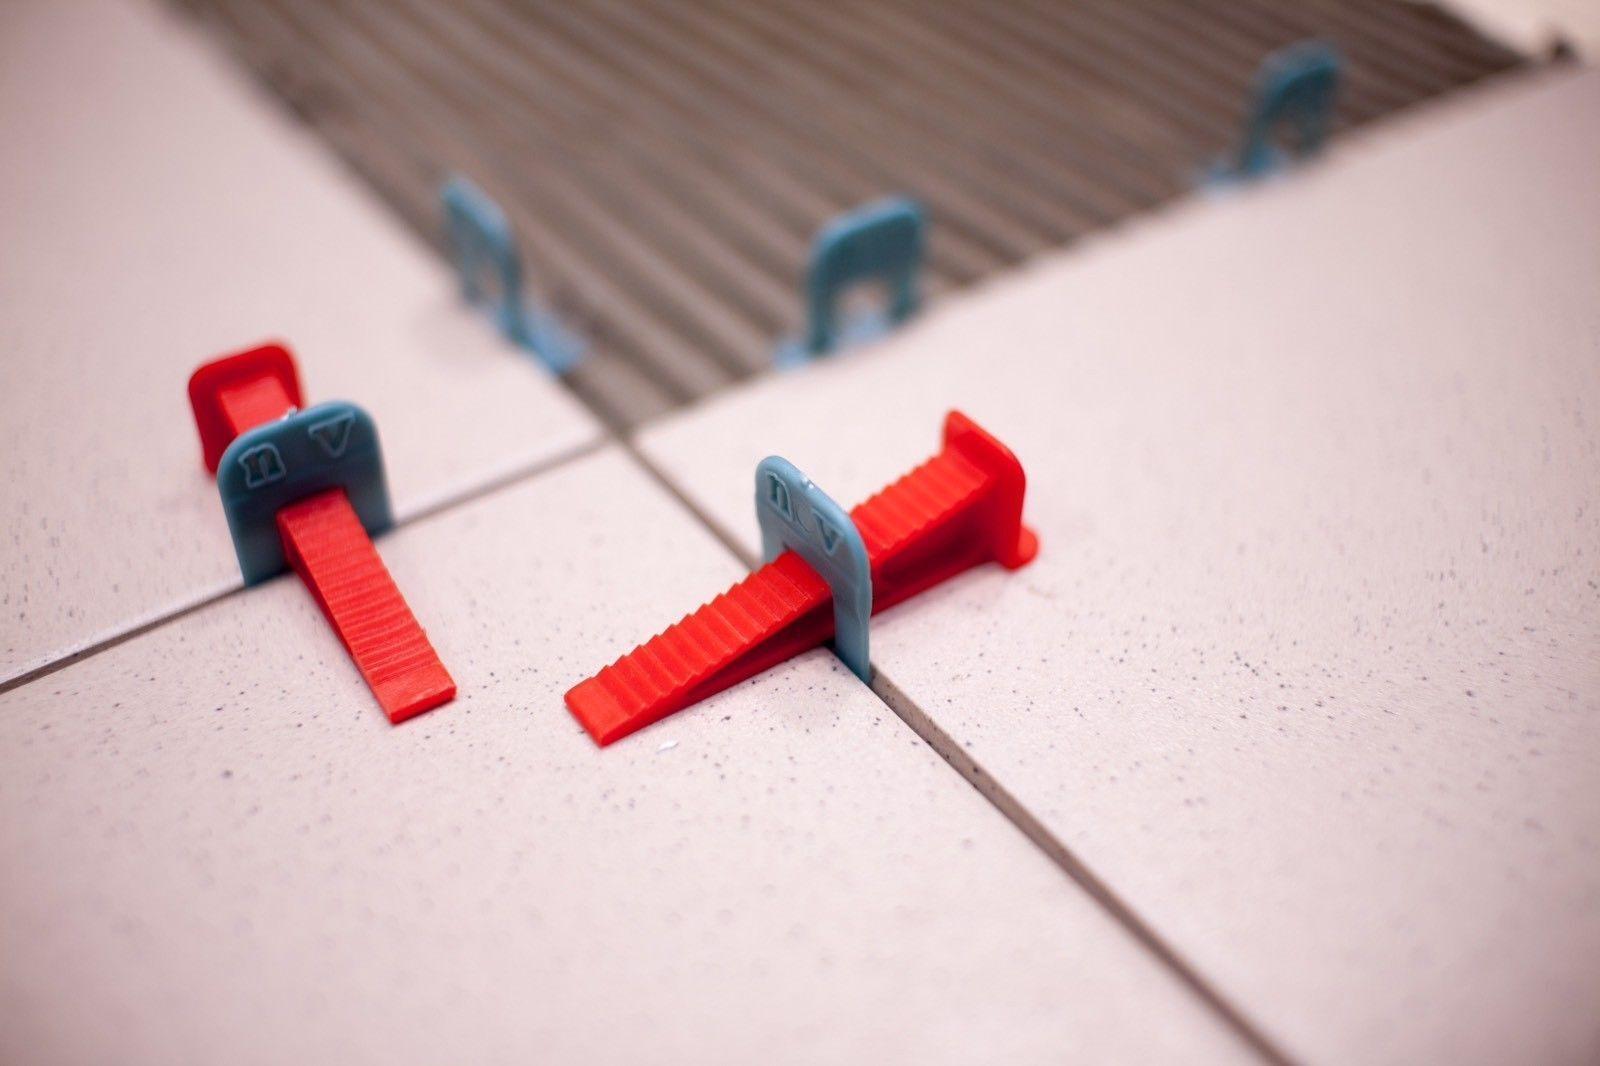 Fliesen Nivelliersystem, Verlegehilfe 2500 Laschen (2 mm) + 600 Keile + Zange